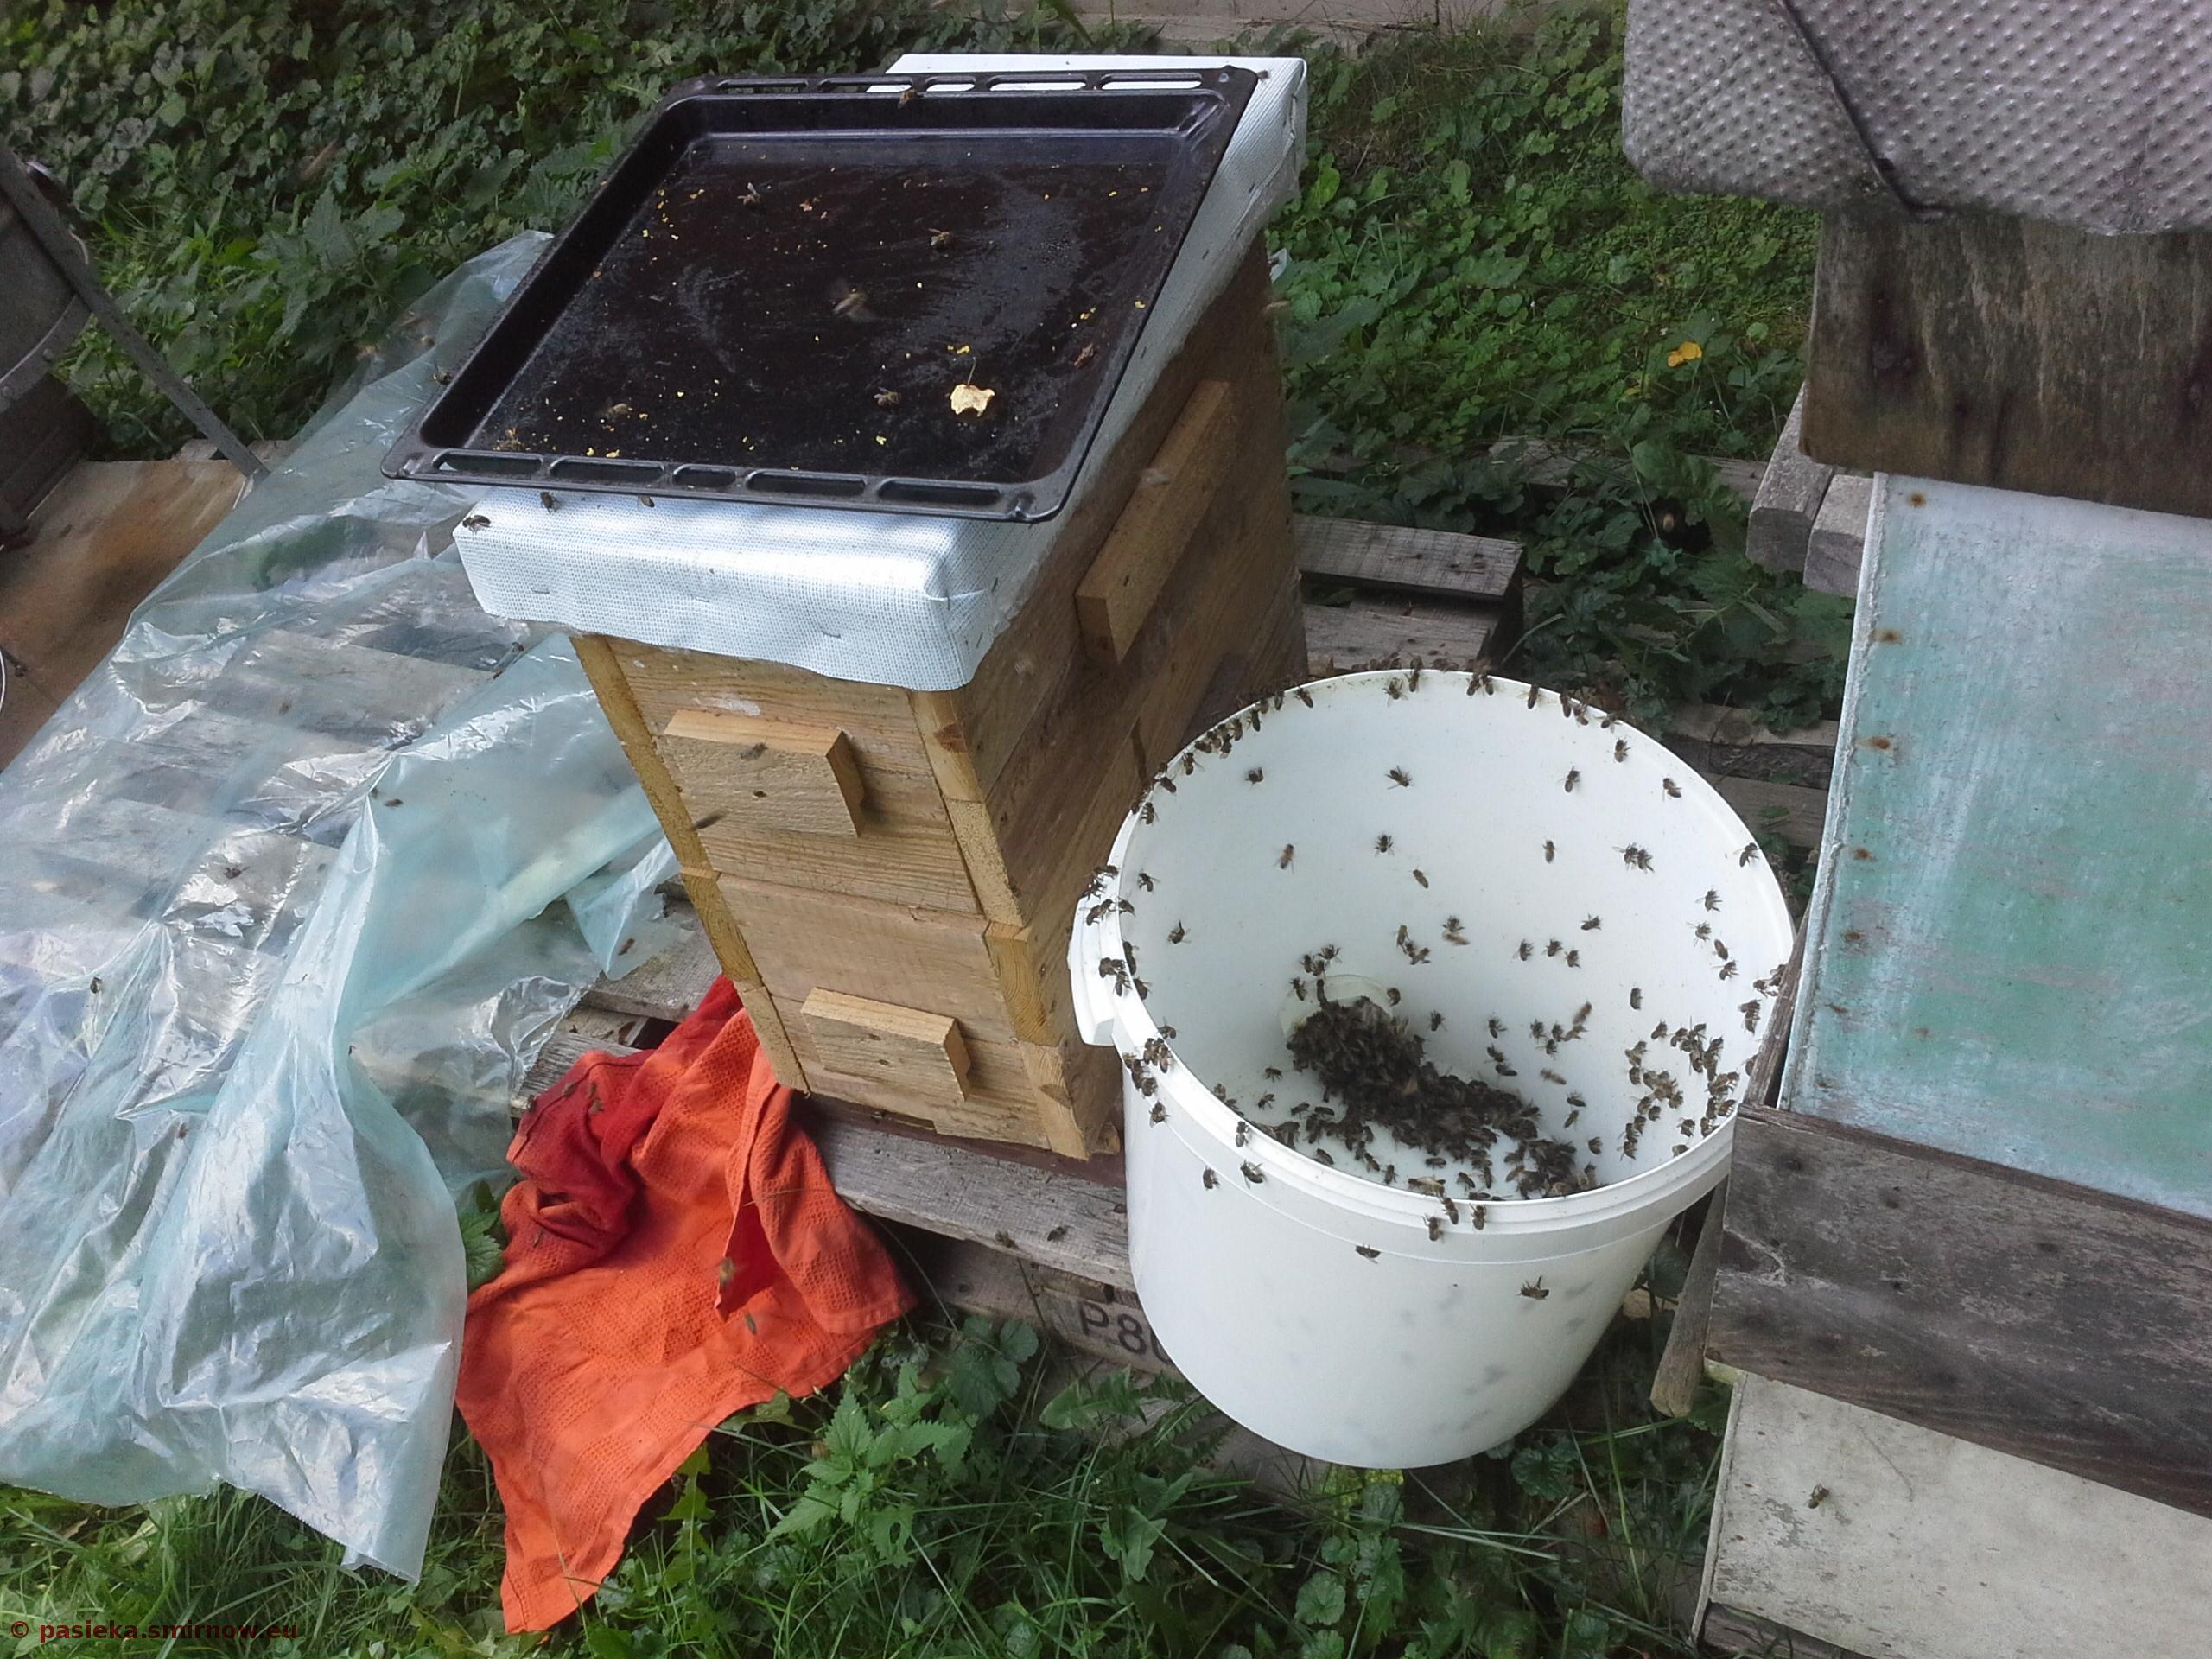 Pszczoły czyszczą naczynia